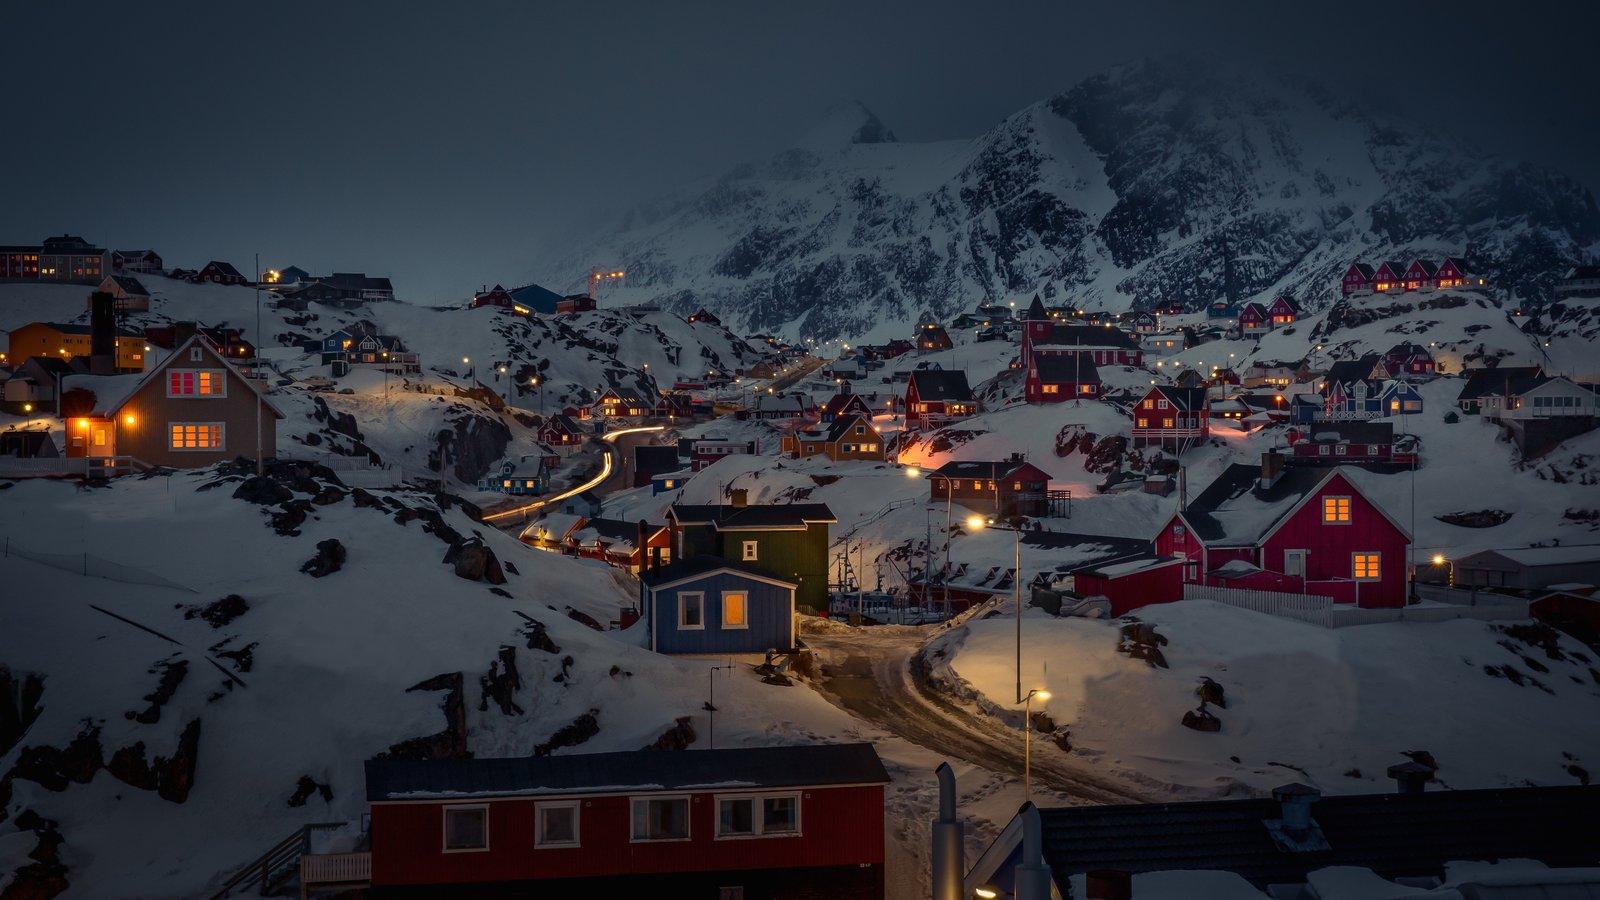 Sisimiut mostrando una pequeña ciudad o pueblo, nieve y montañas